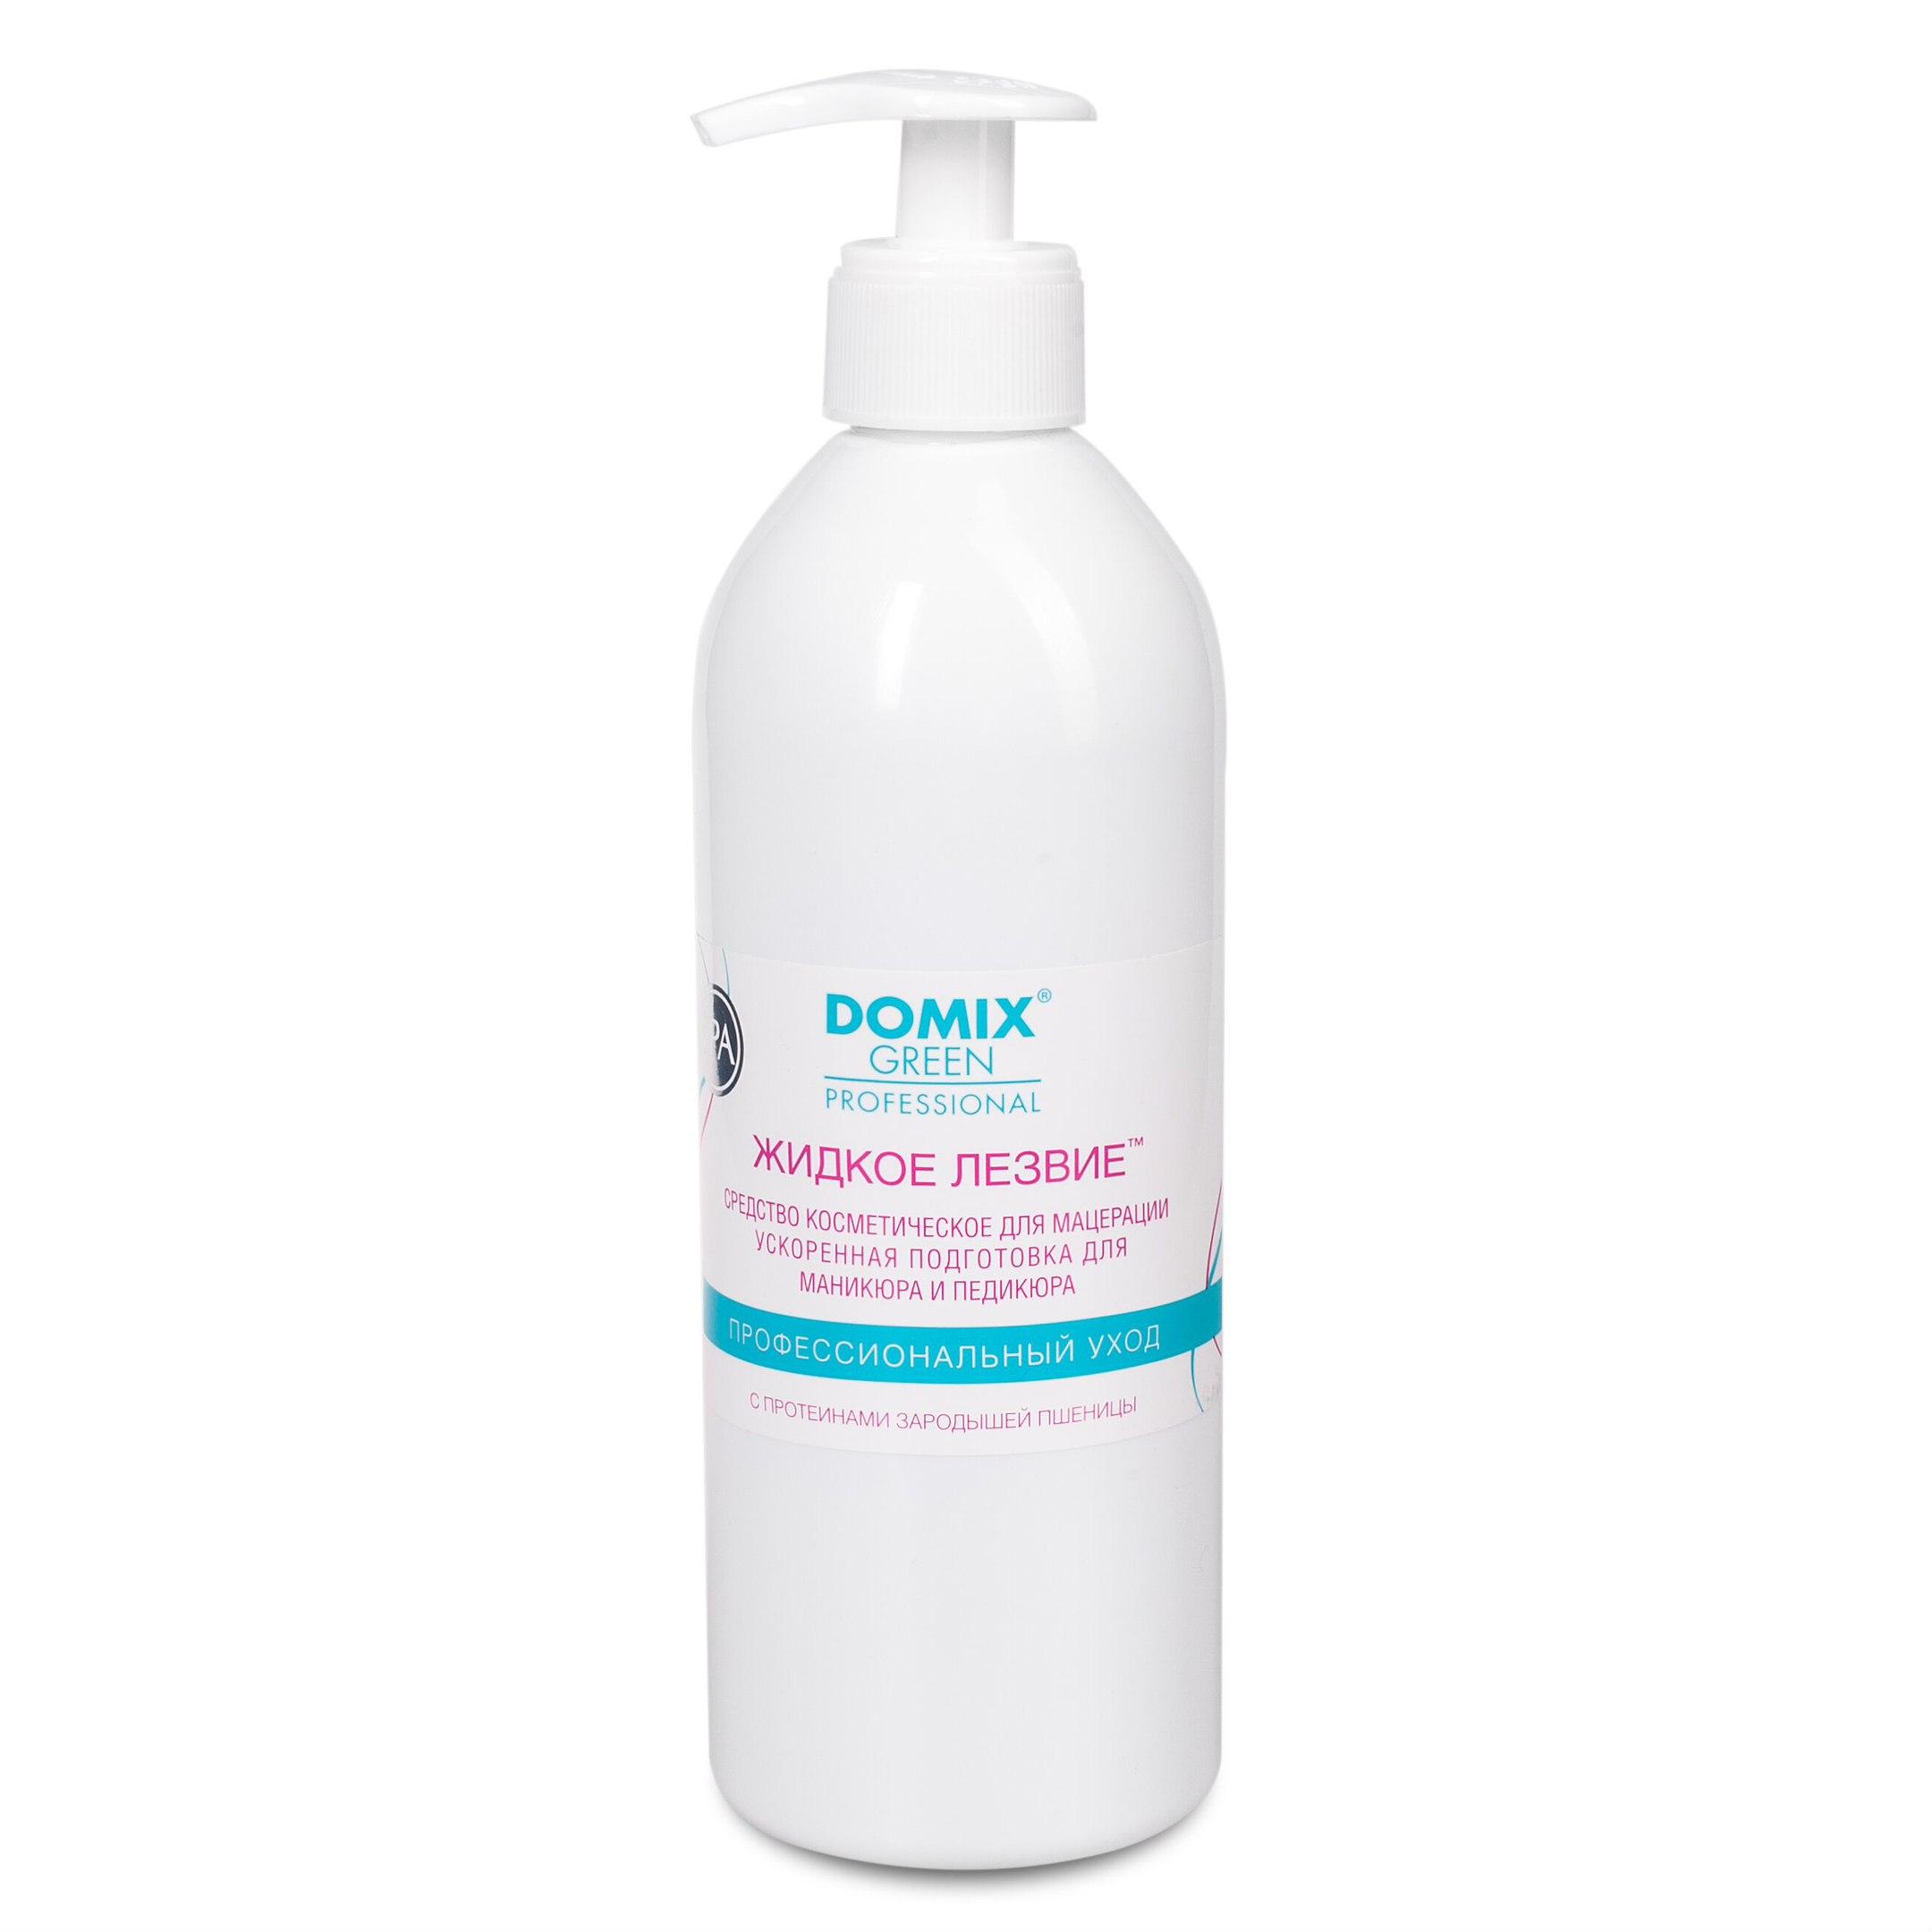 Жидкое лезвие для ванночек, с протеинами зародышей пшеницы, 500 мл, Domix, DOMIX GREEN PROFESSIONAL